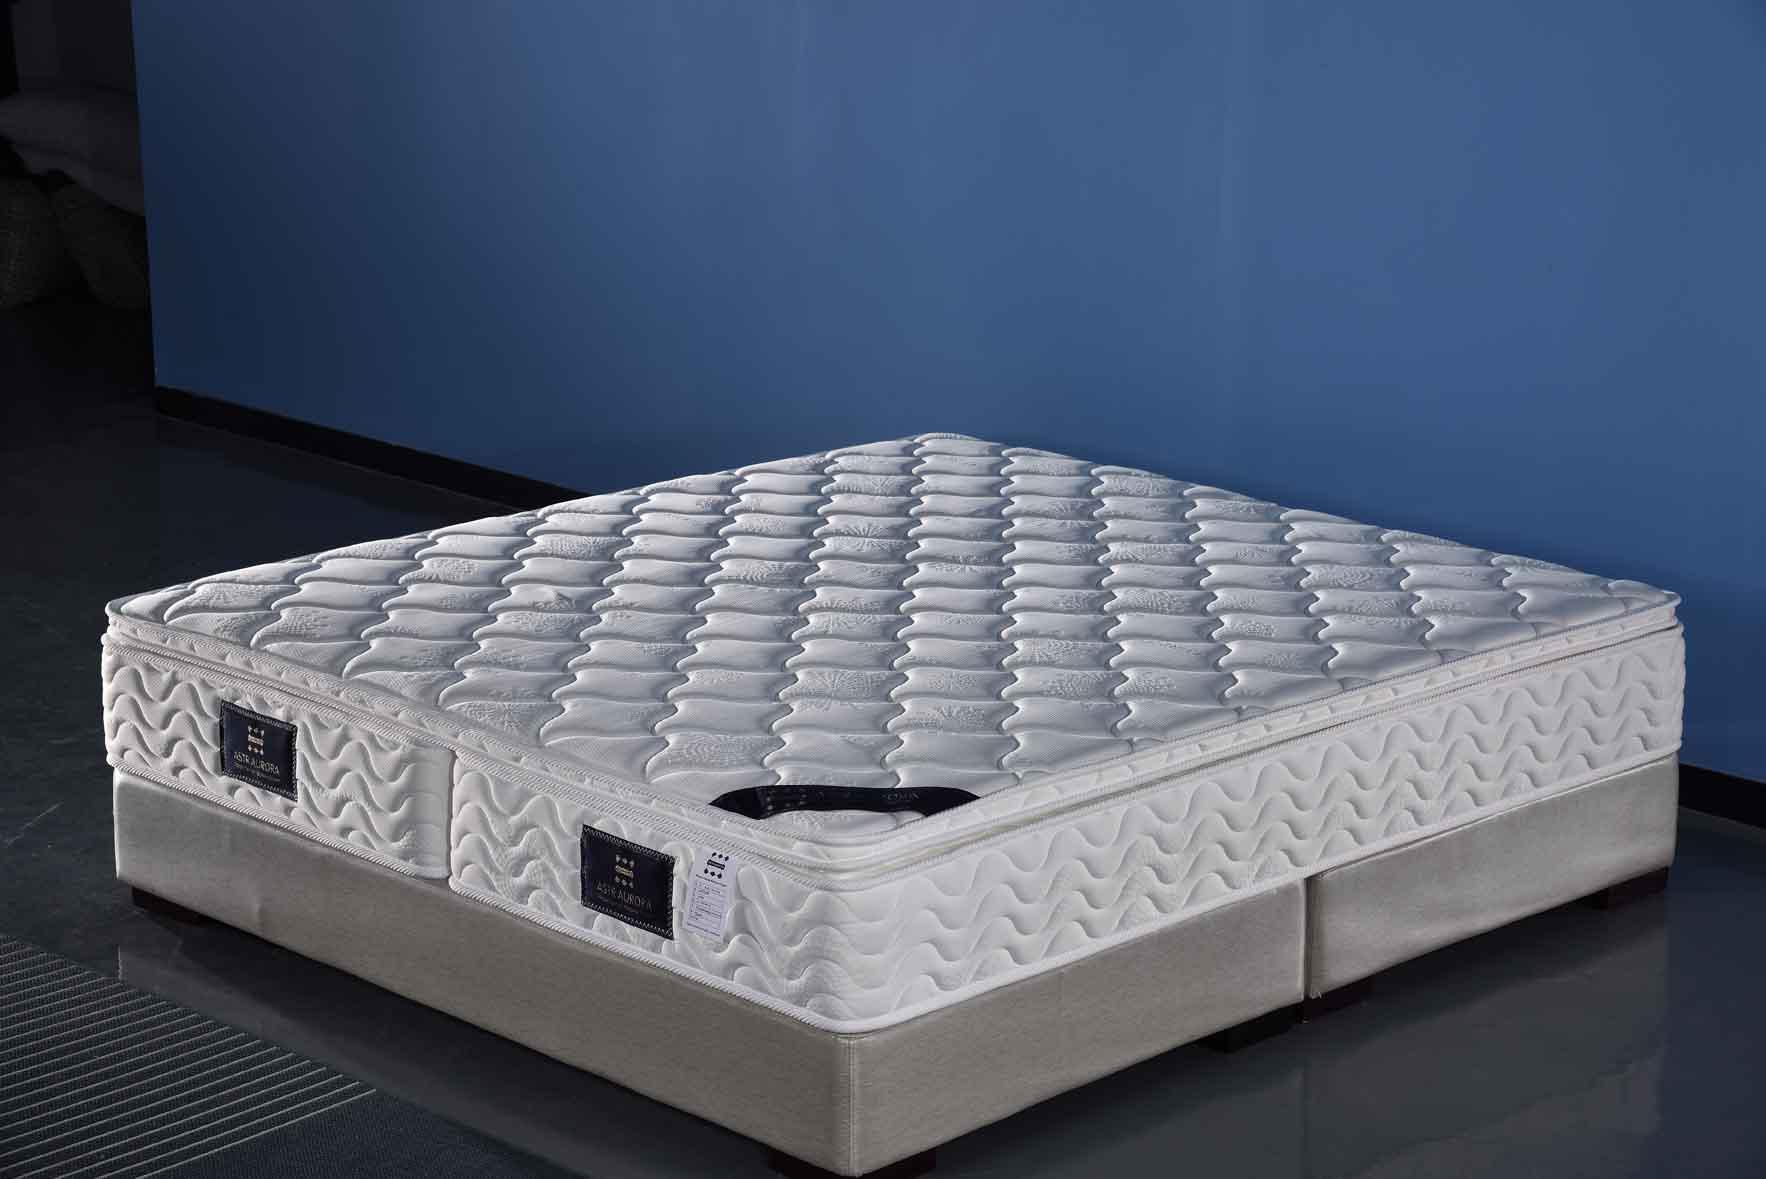 广州定制弹簧床垫规格尺寸 诚信服务 苏州星夜家居科技供应